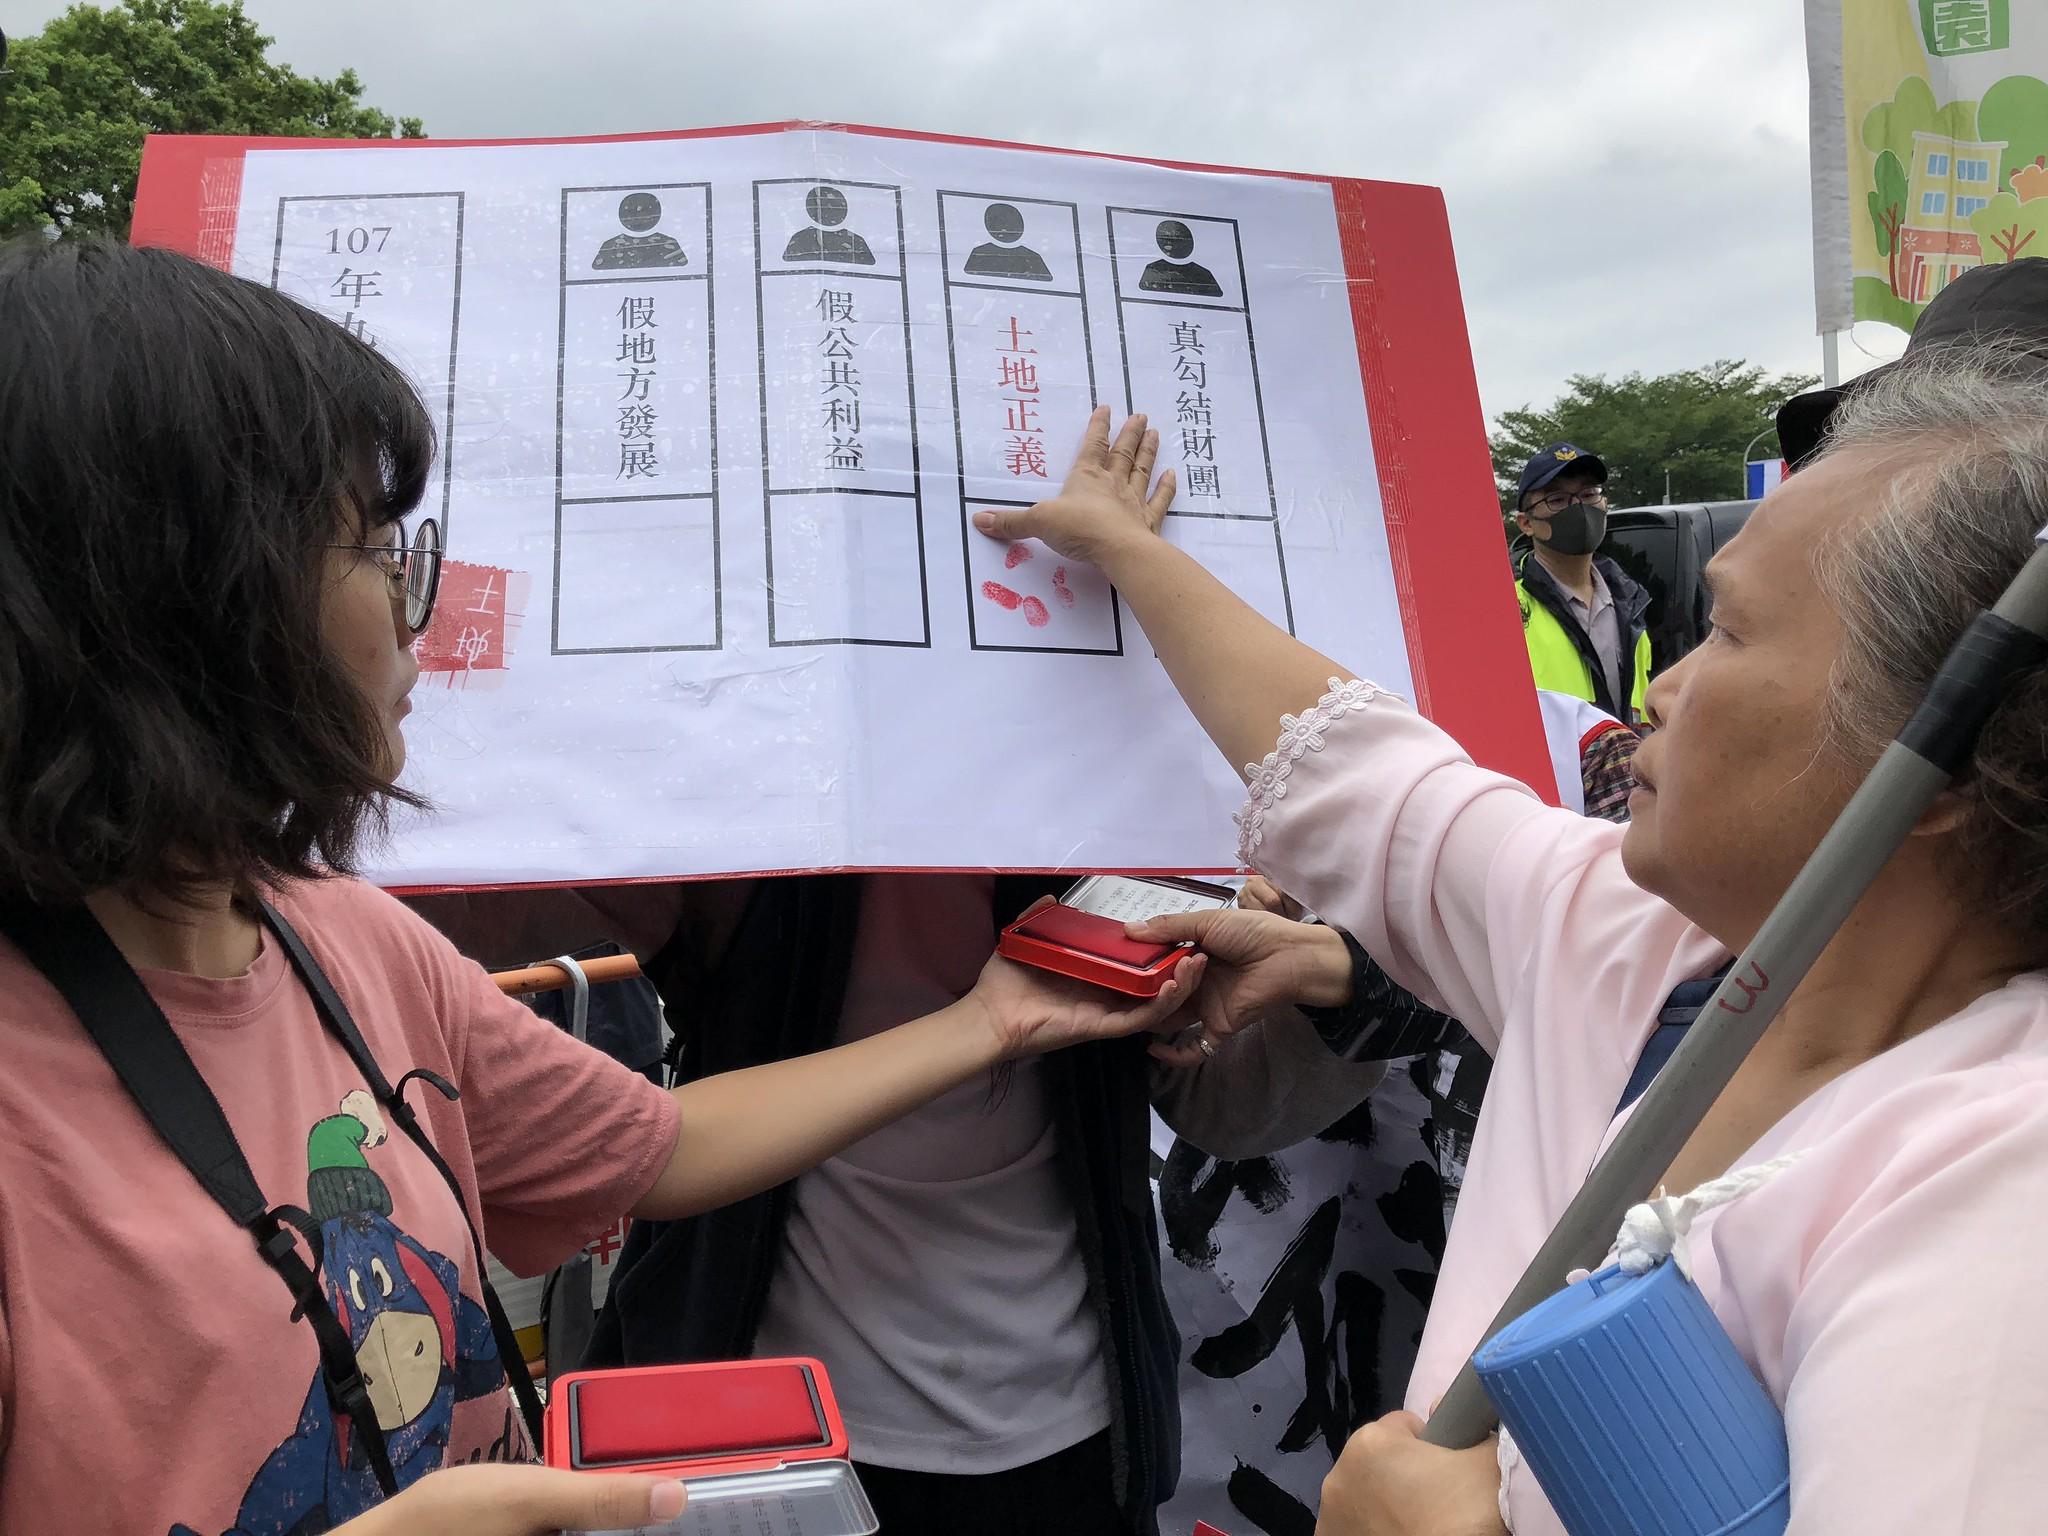 聯盟在凱道前準備了紅色印泥與票券道具,各地自救會按手印投「土地正義」一票。(攝影:王顥中)